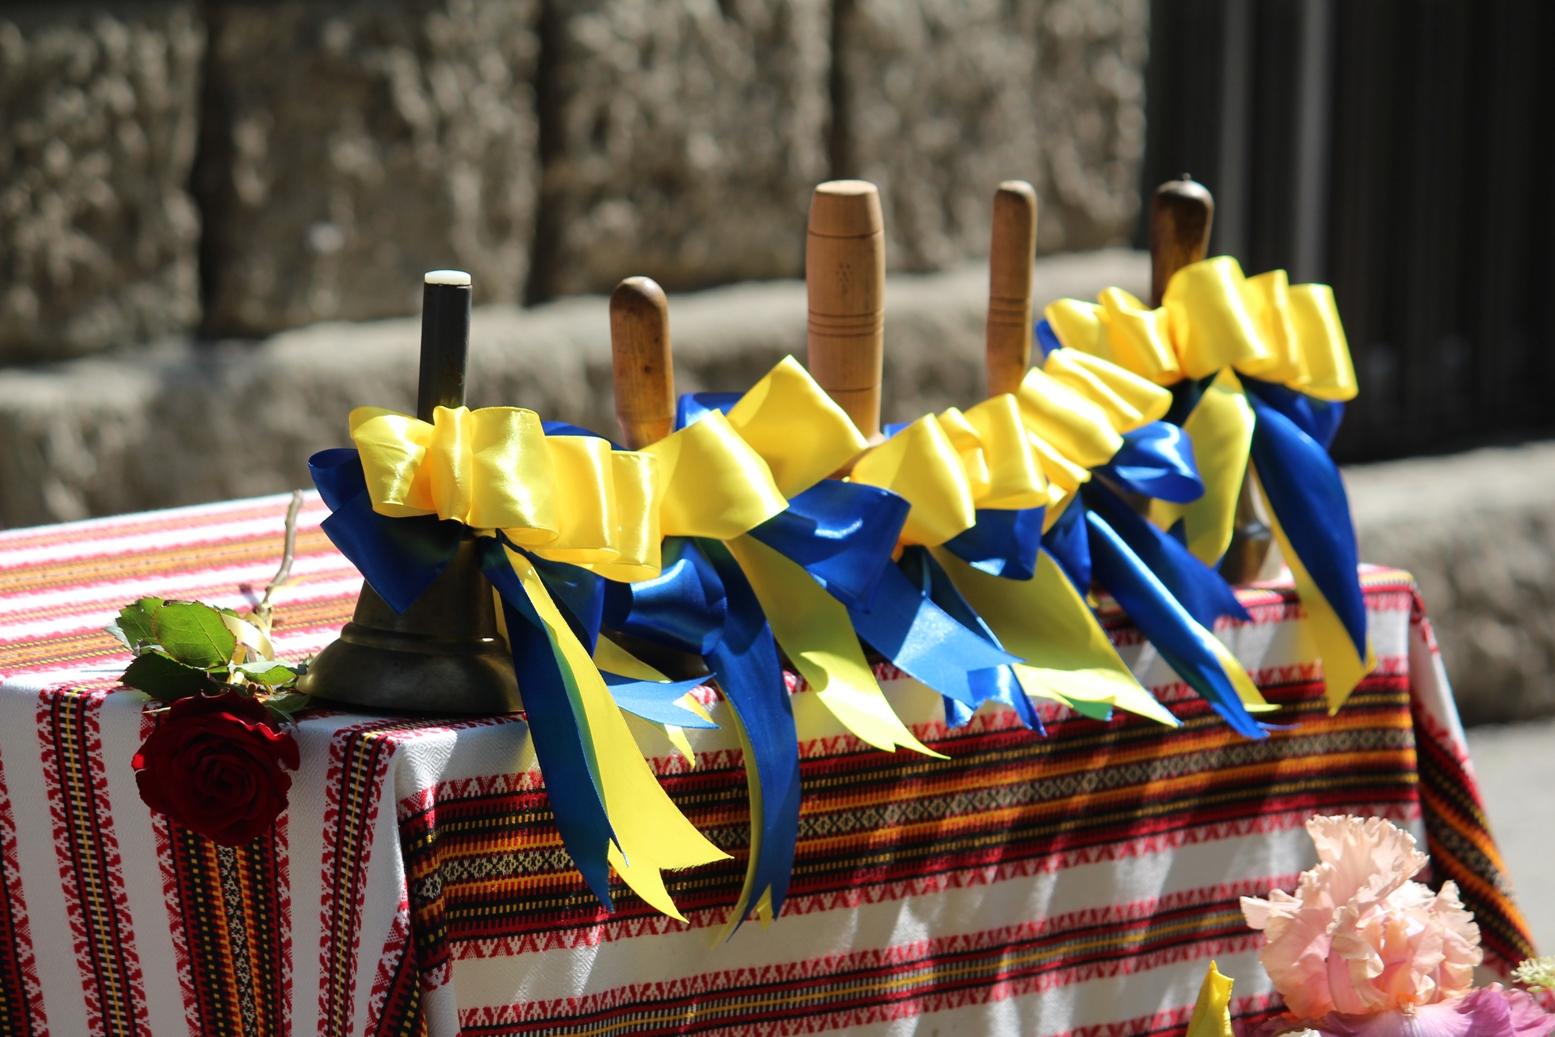 Таких, як багато років поспіль, урочистостей із нагоди свята Останнього дзвоника в Ужгороді не буде.